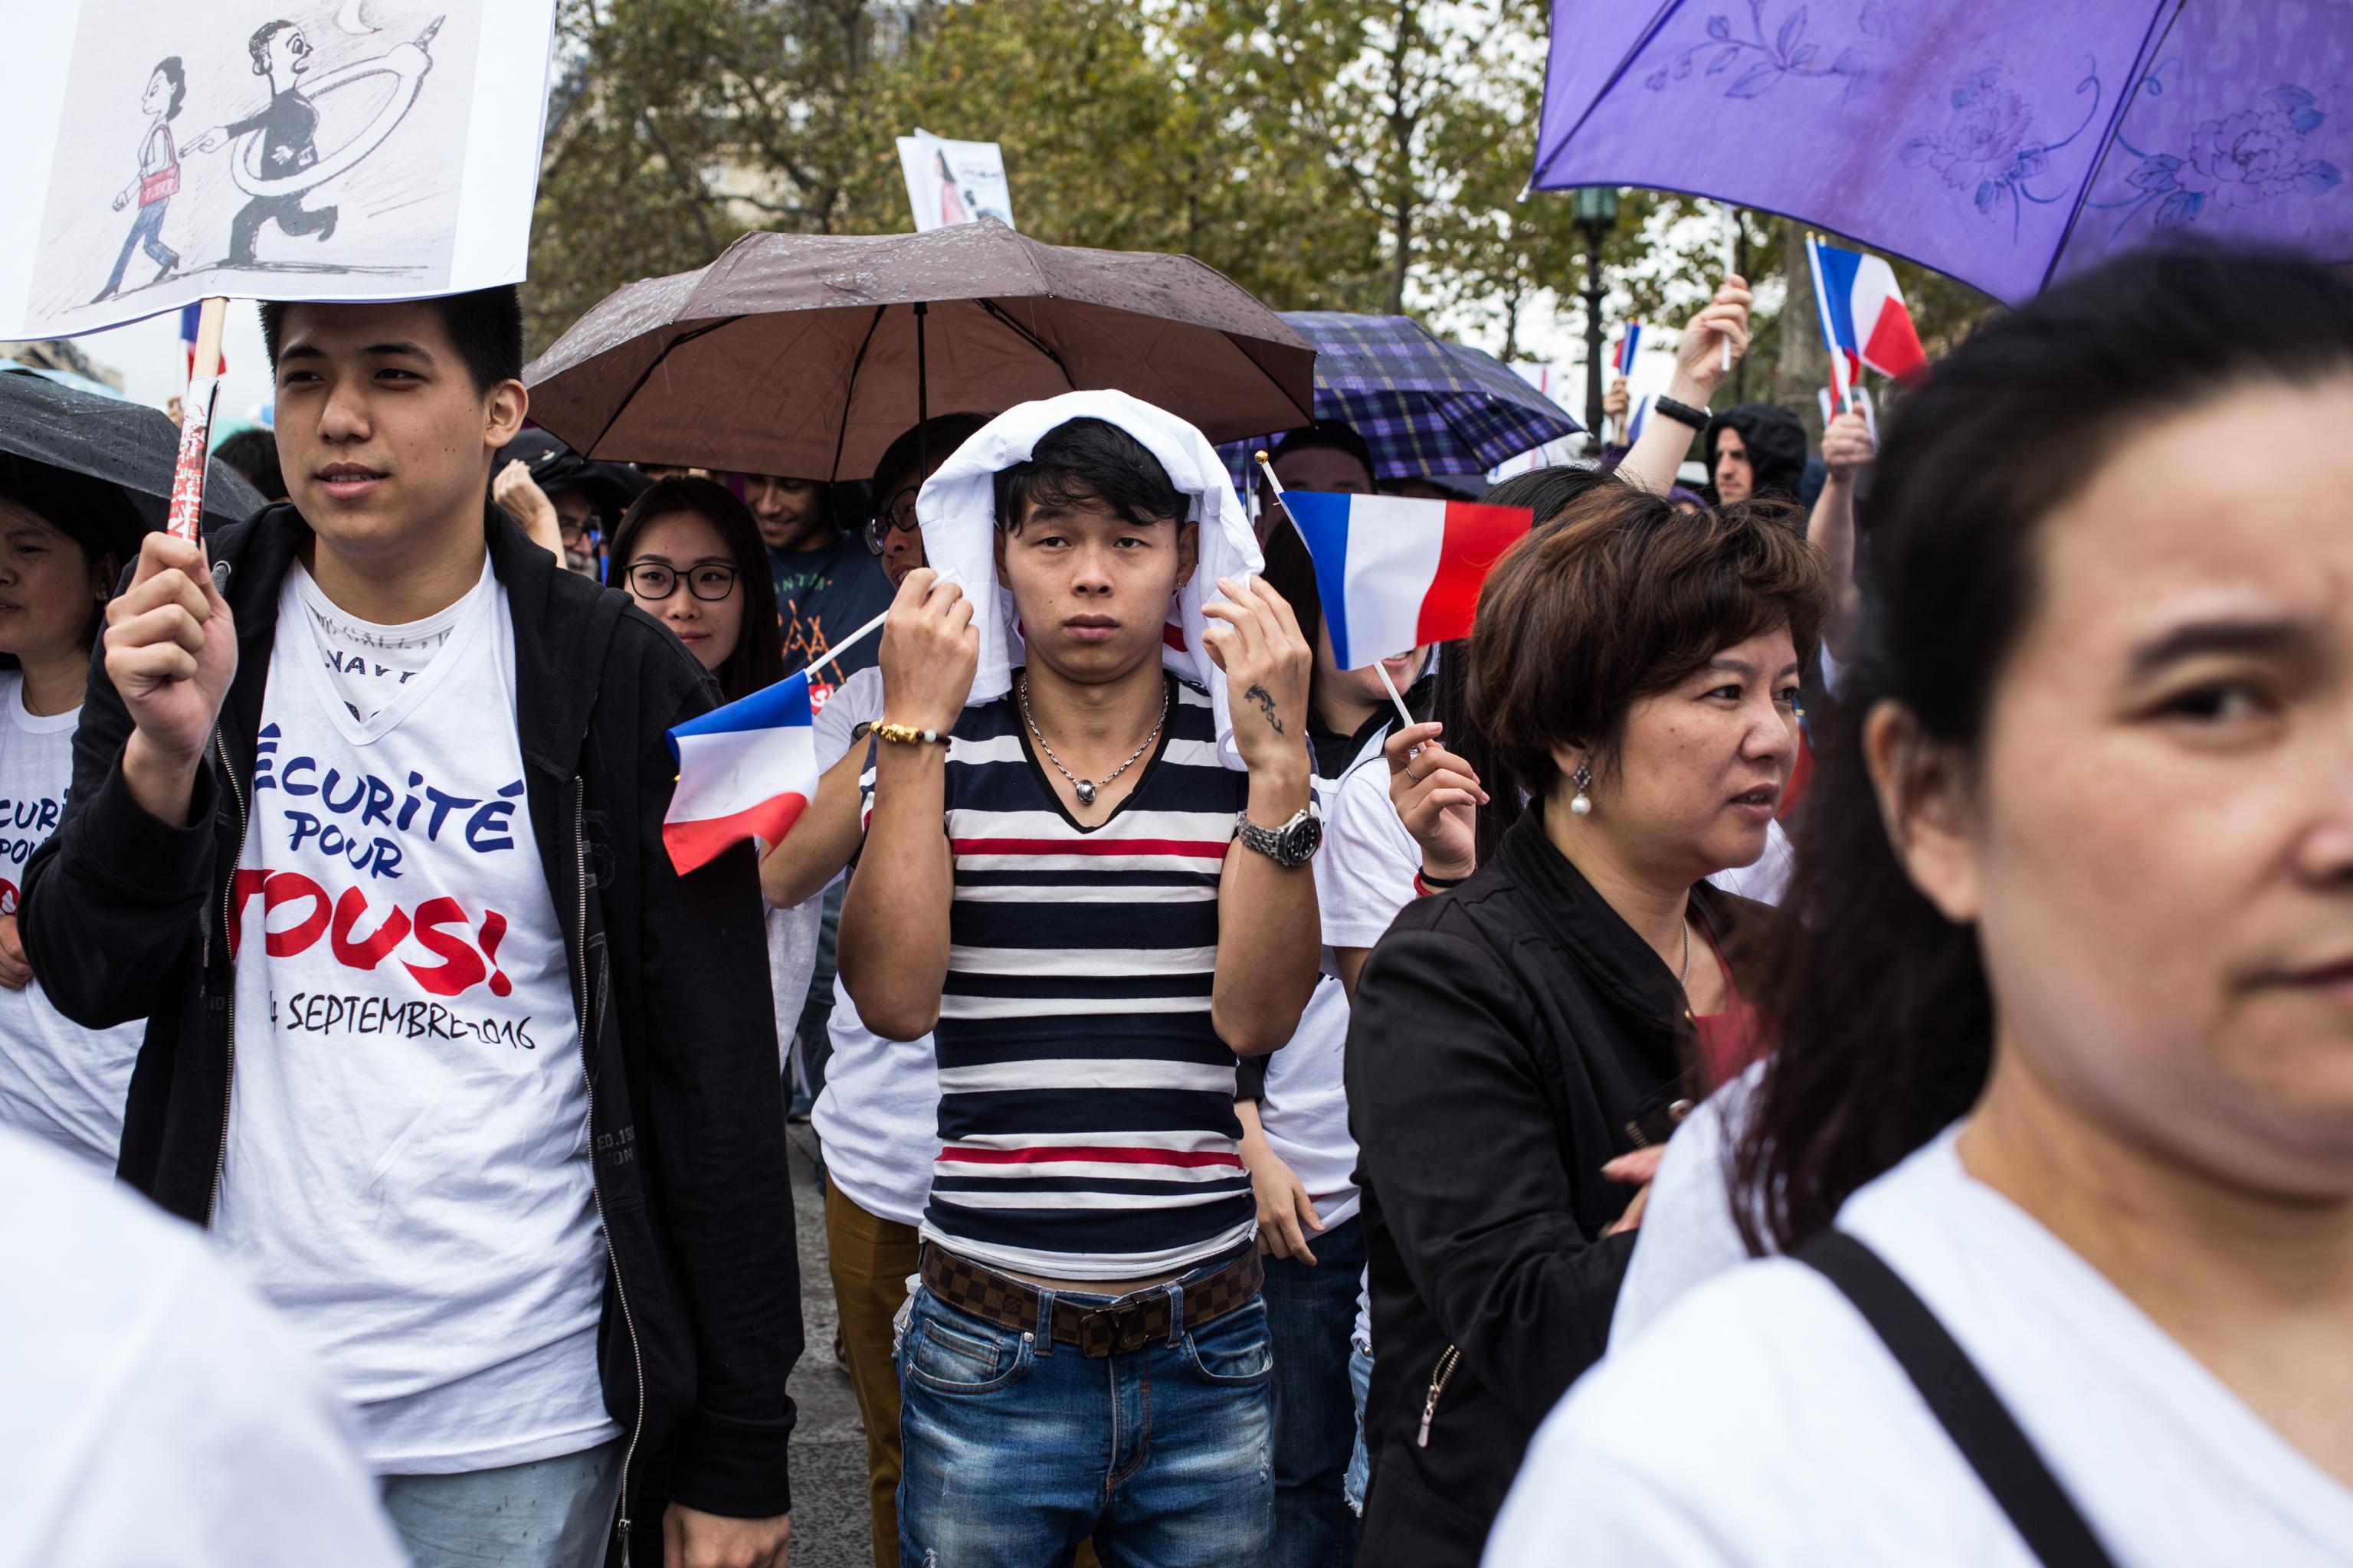 """Manifestation """"Sécurité pour tous"""" organisée par 60 associations des chinois de France, place de la République. La communauté chinoise dénonce le climat d'insécurité persistant qu'elle subie."""